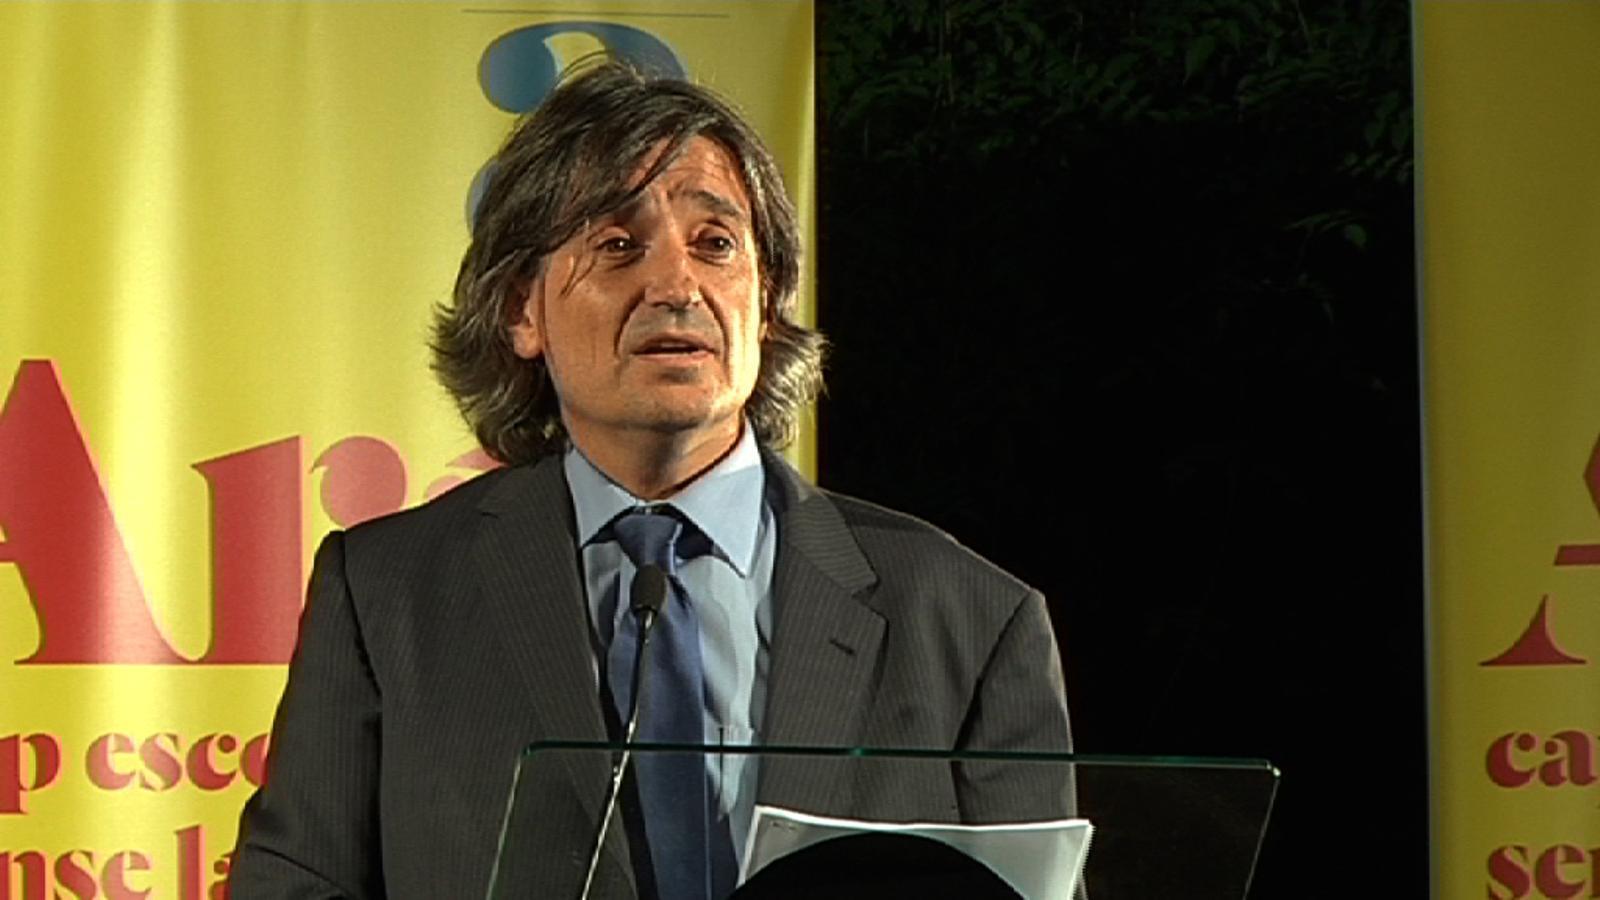 Carles Capdevila: Quan tothom ven ganivets, cassoles i tovalloles, nosaltres oferirem clàssics en llatí i grec!